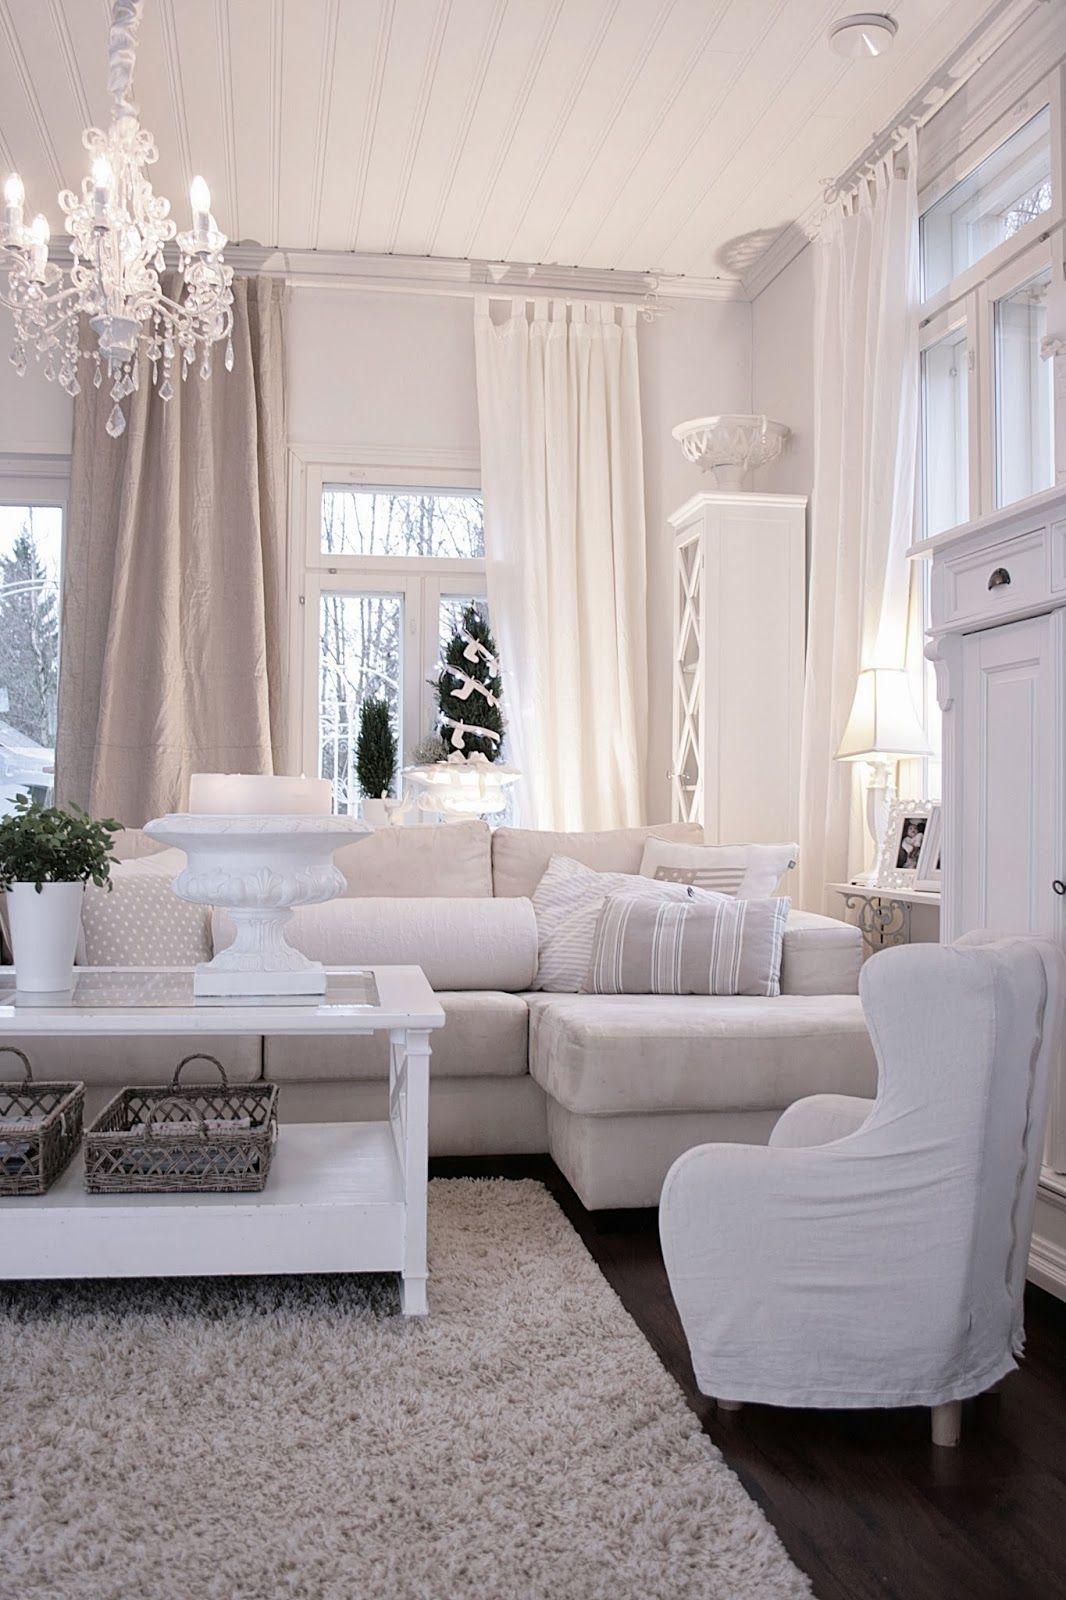 Wunderschnes Weigraubeiges Wohnzimmer  weie